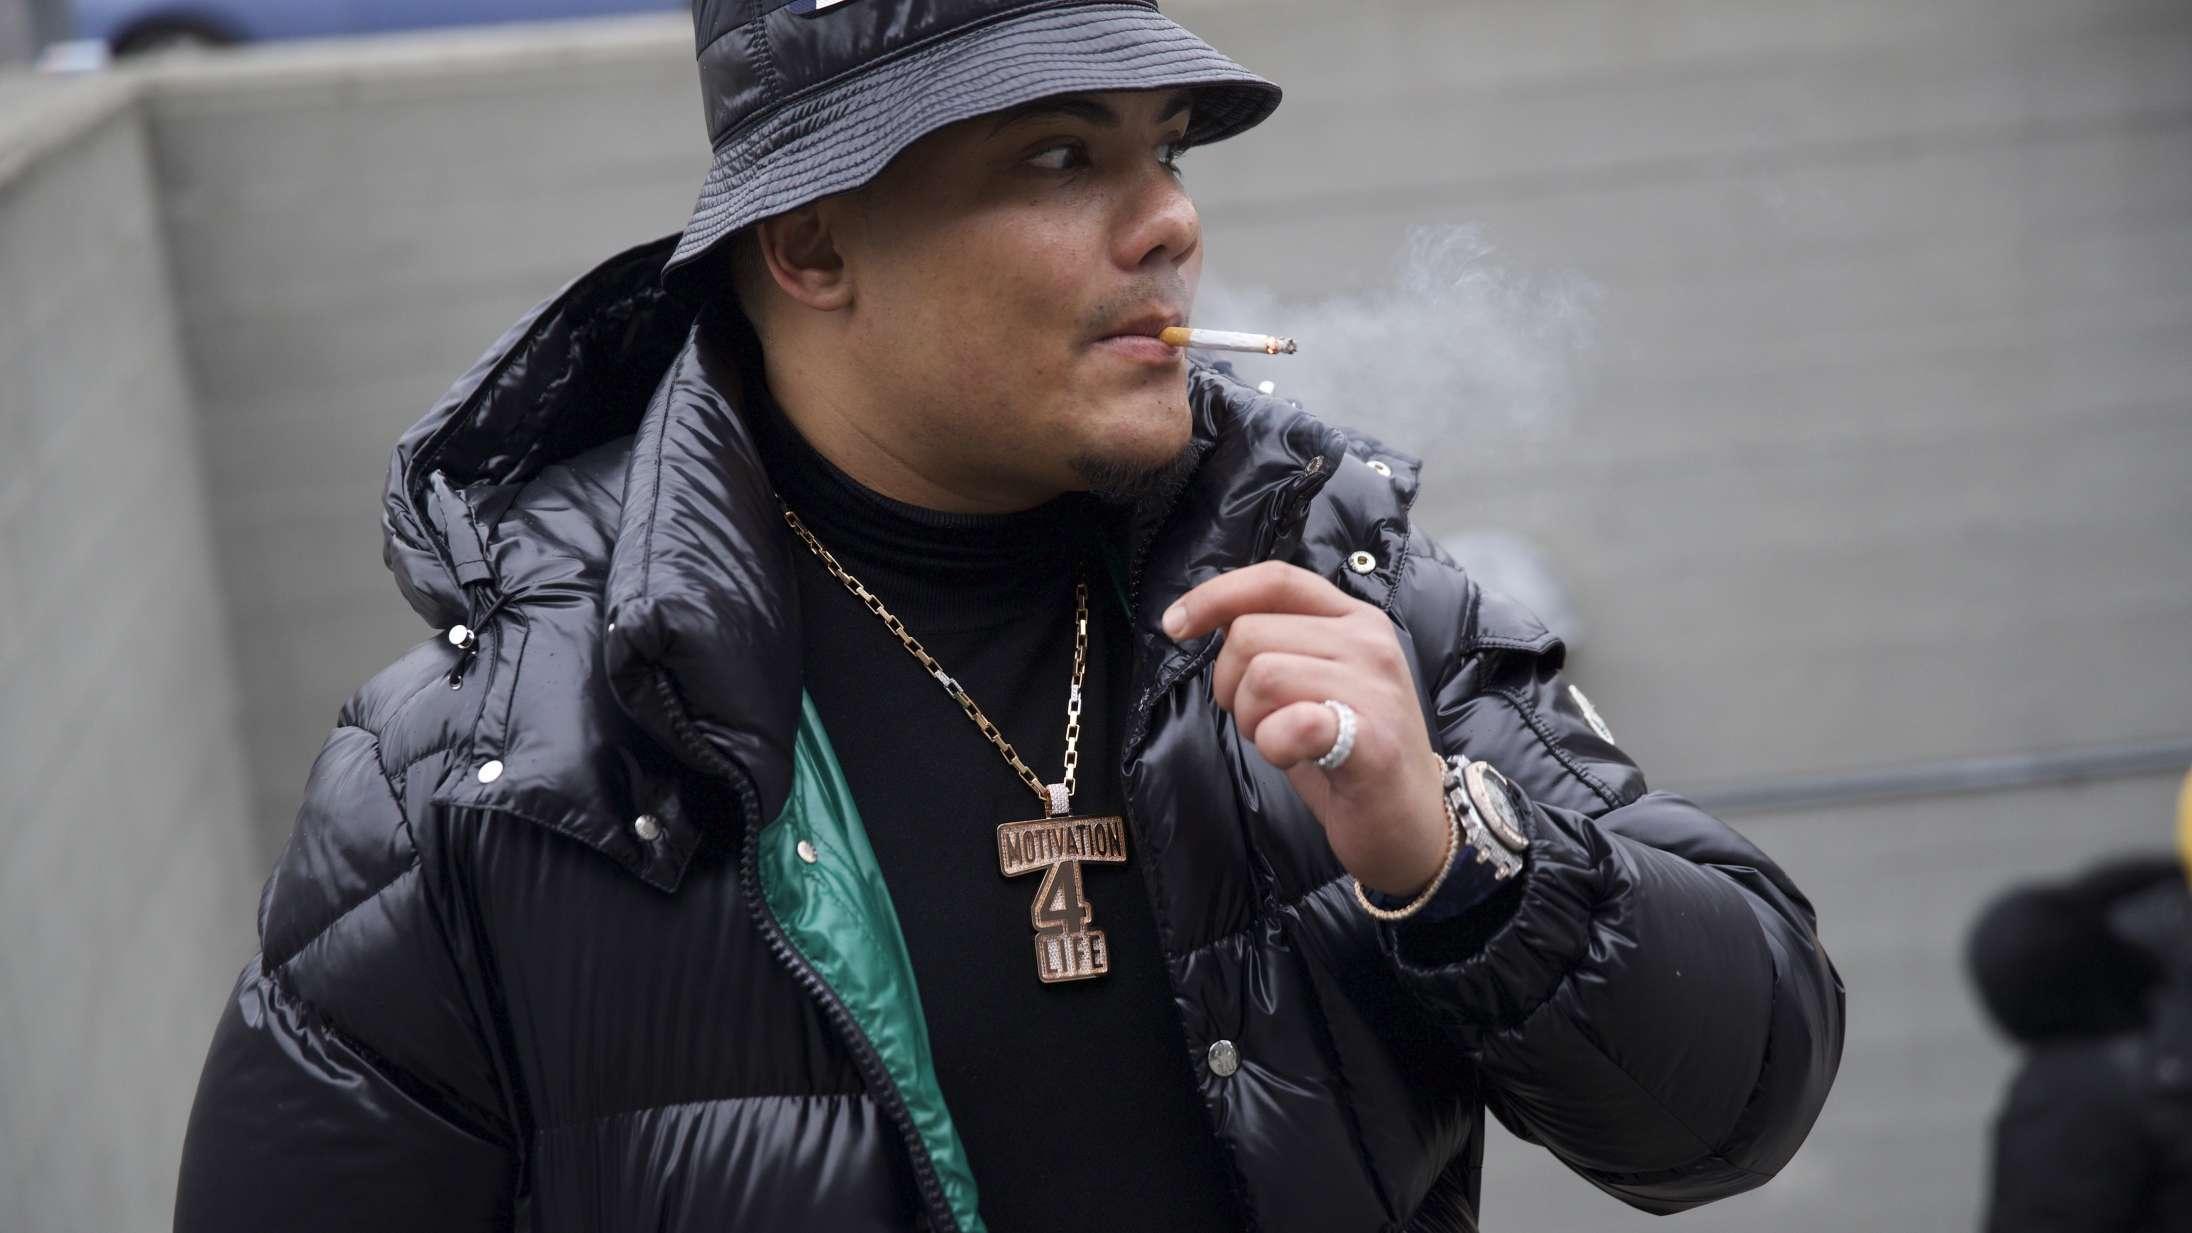 Det ser ud til, at Branco har fjernet den kontroversielle svenske rapper Yasin fra sit album